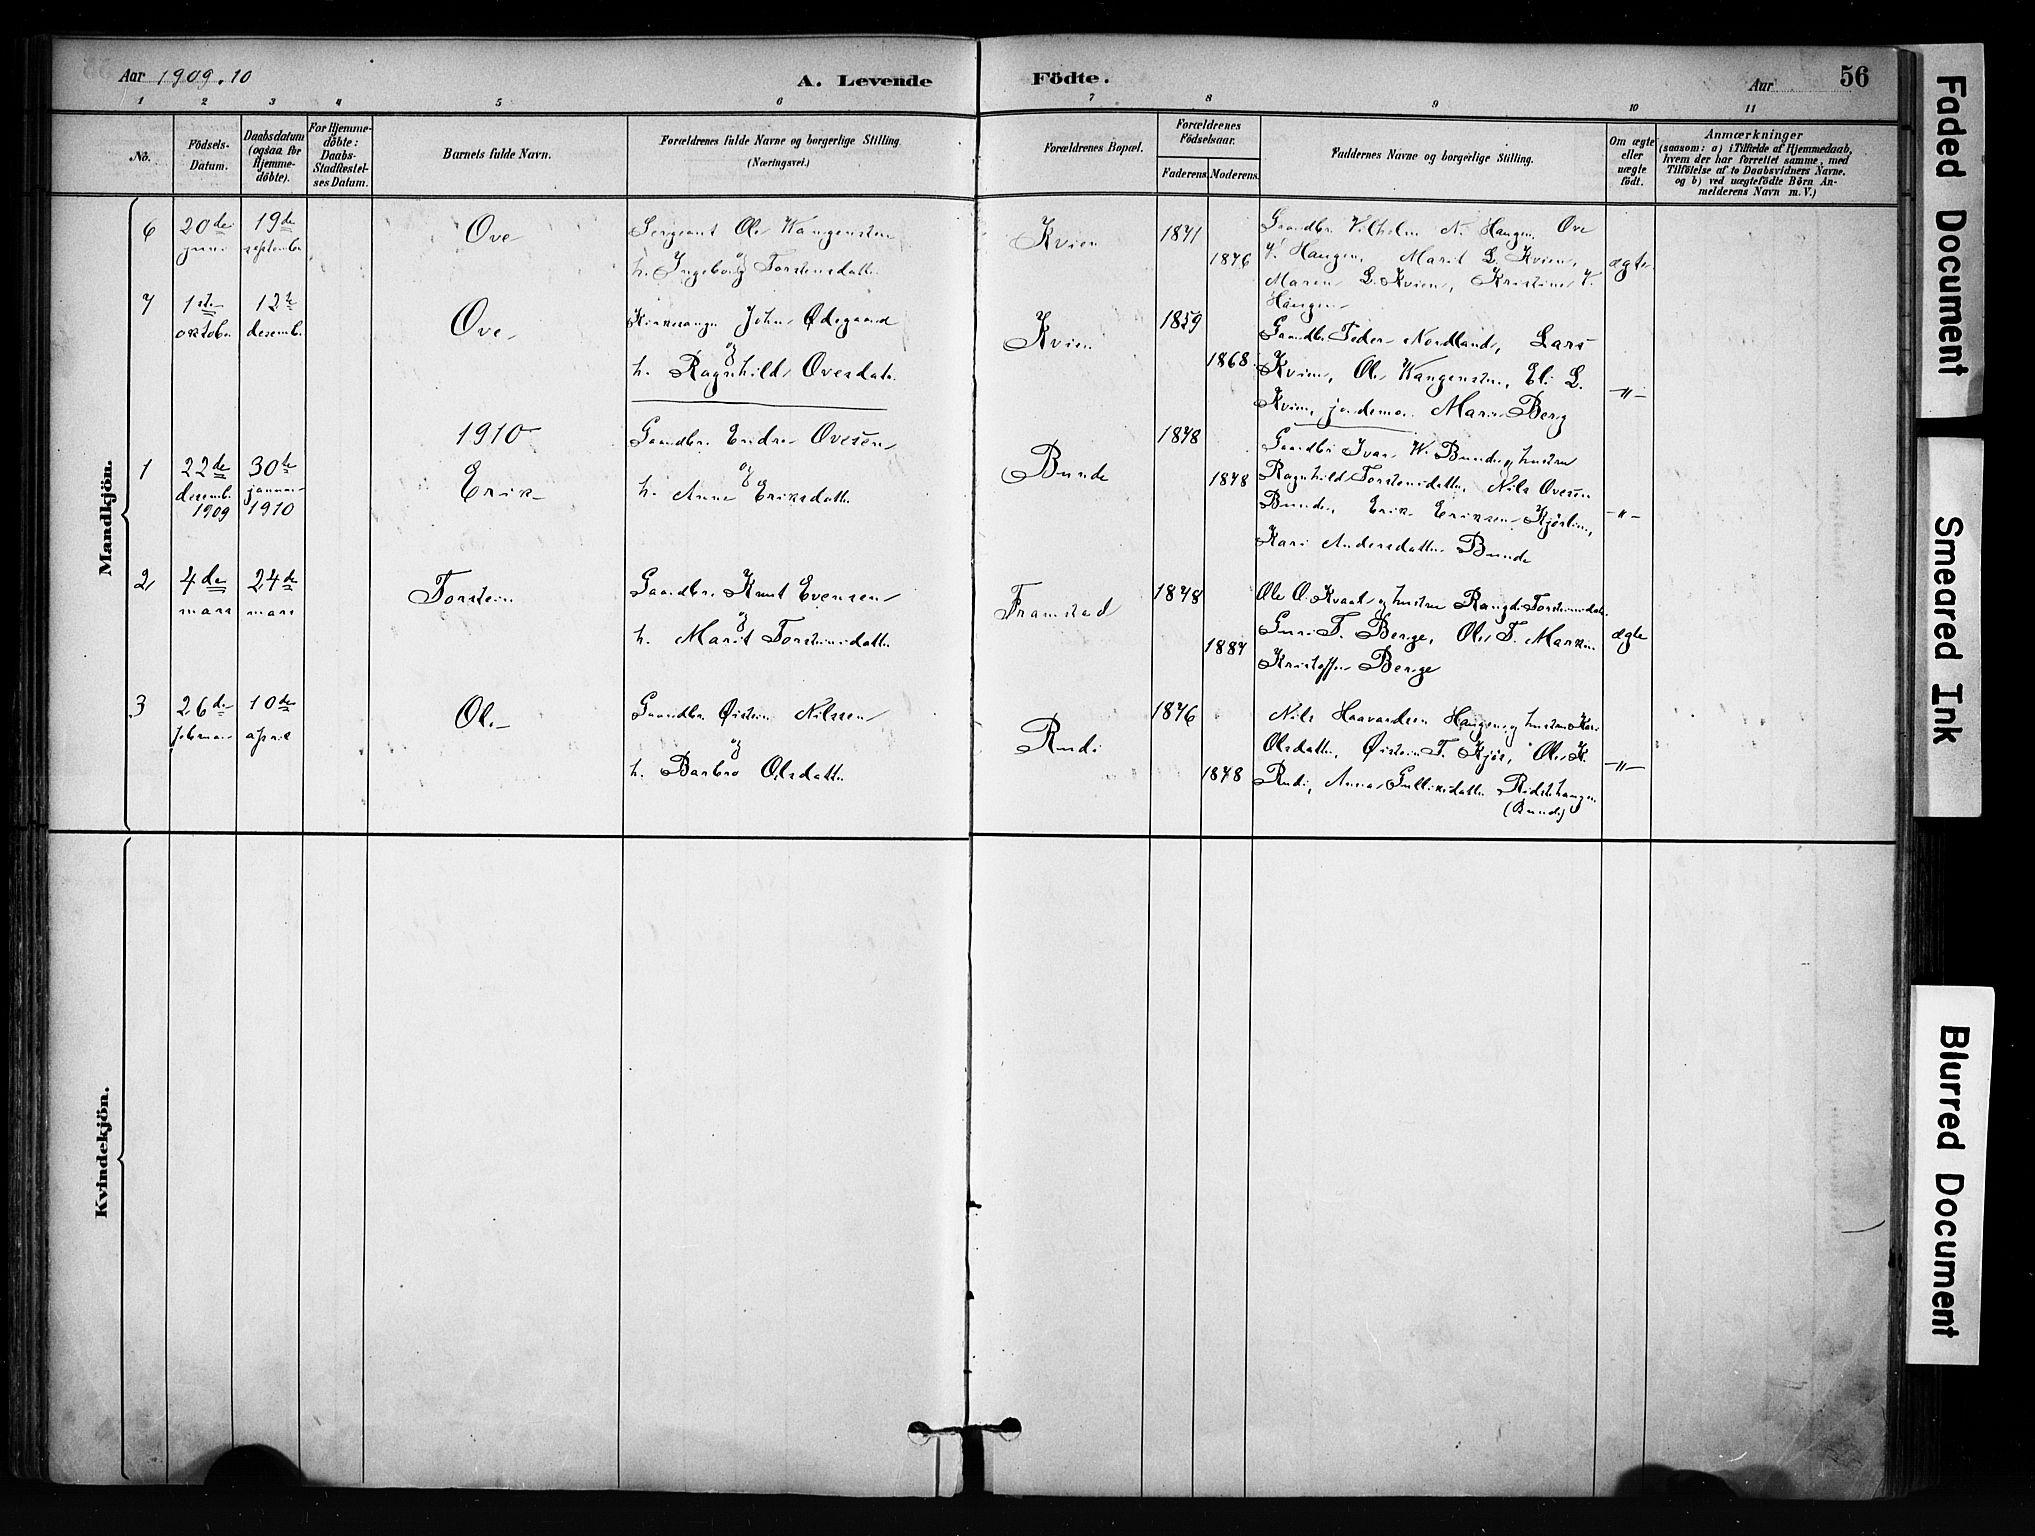 SAH, Vang prestekontor, Valdres, Ministerialbok nr. 9, 1882-1914, s. 56